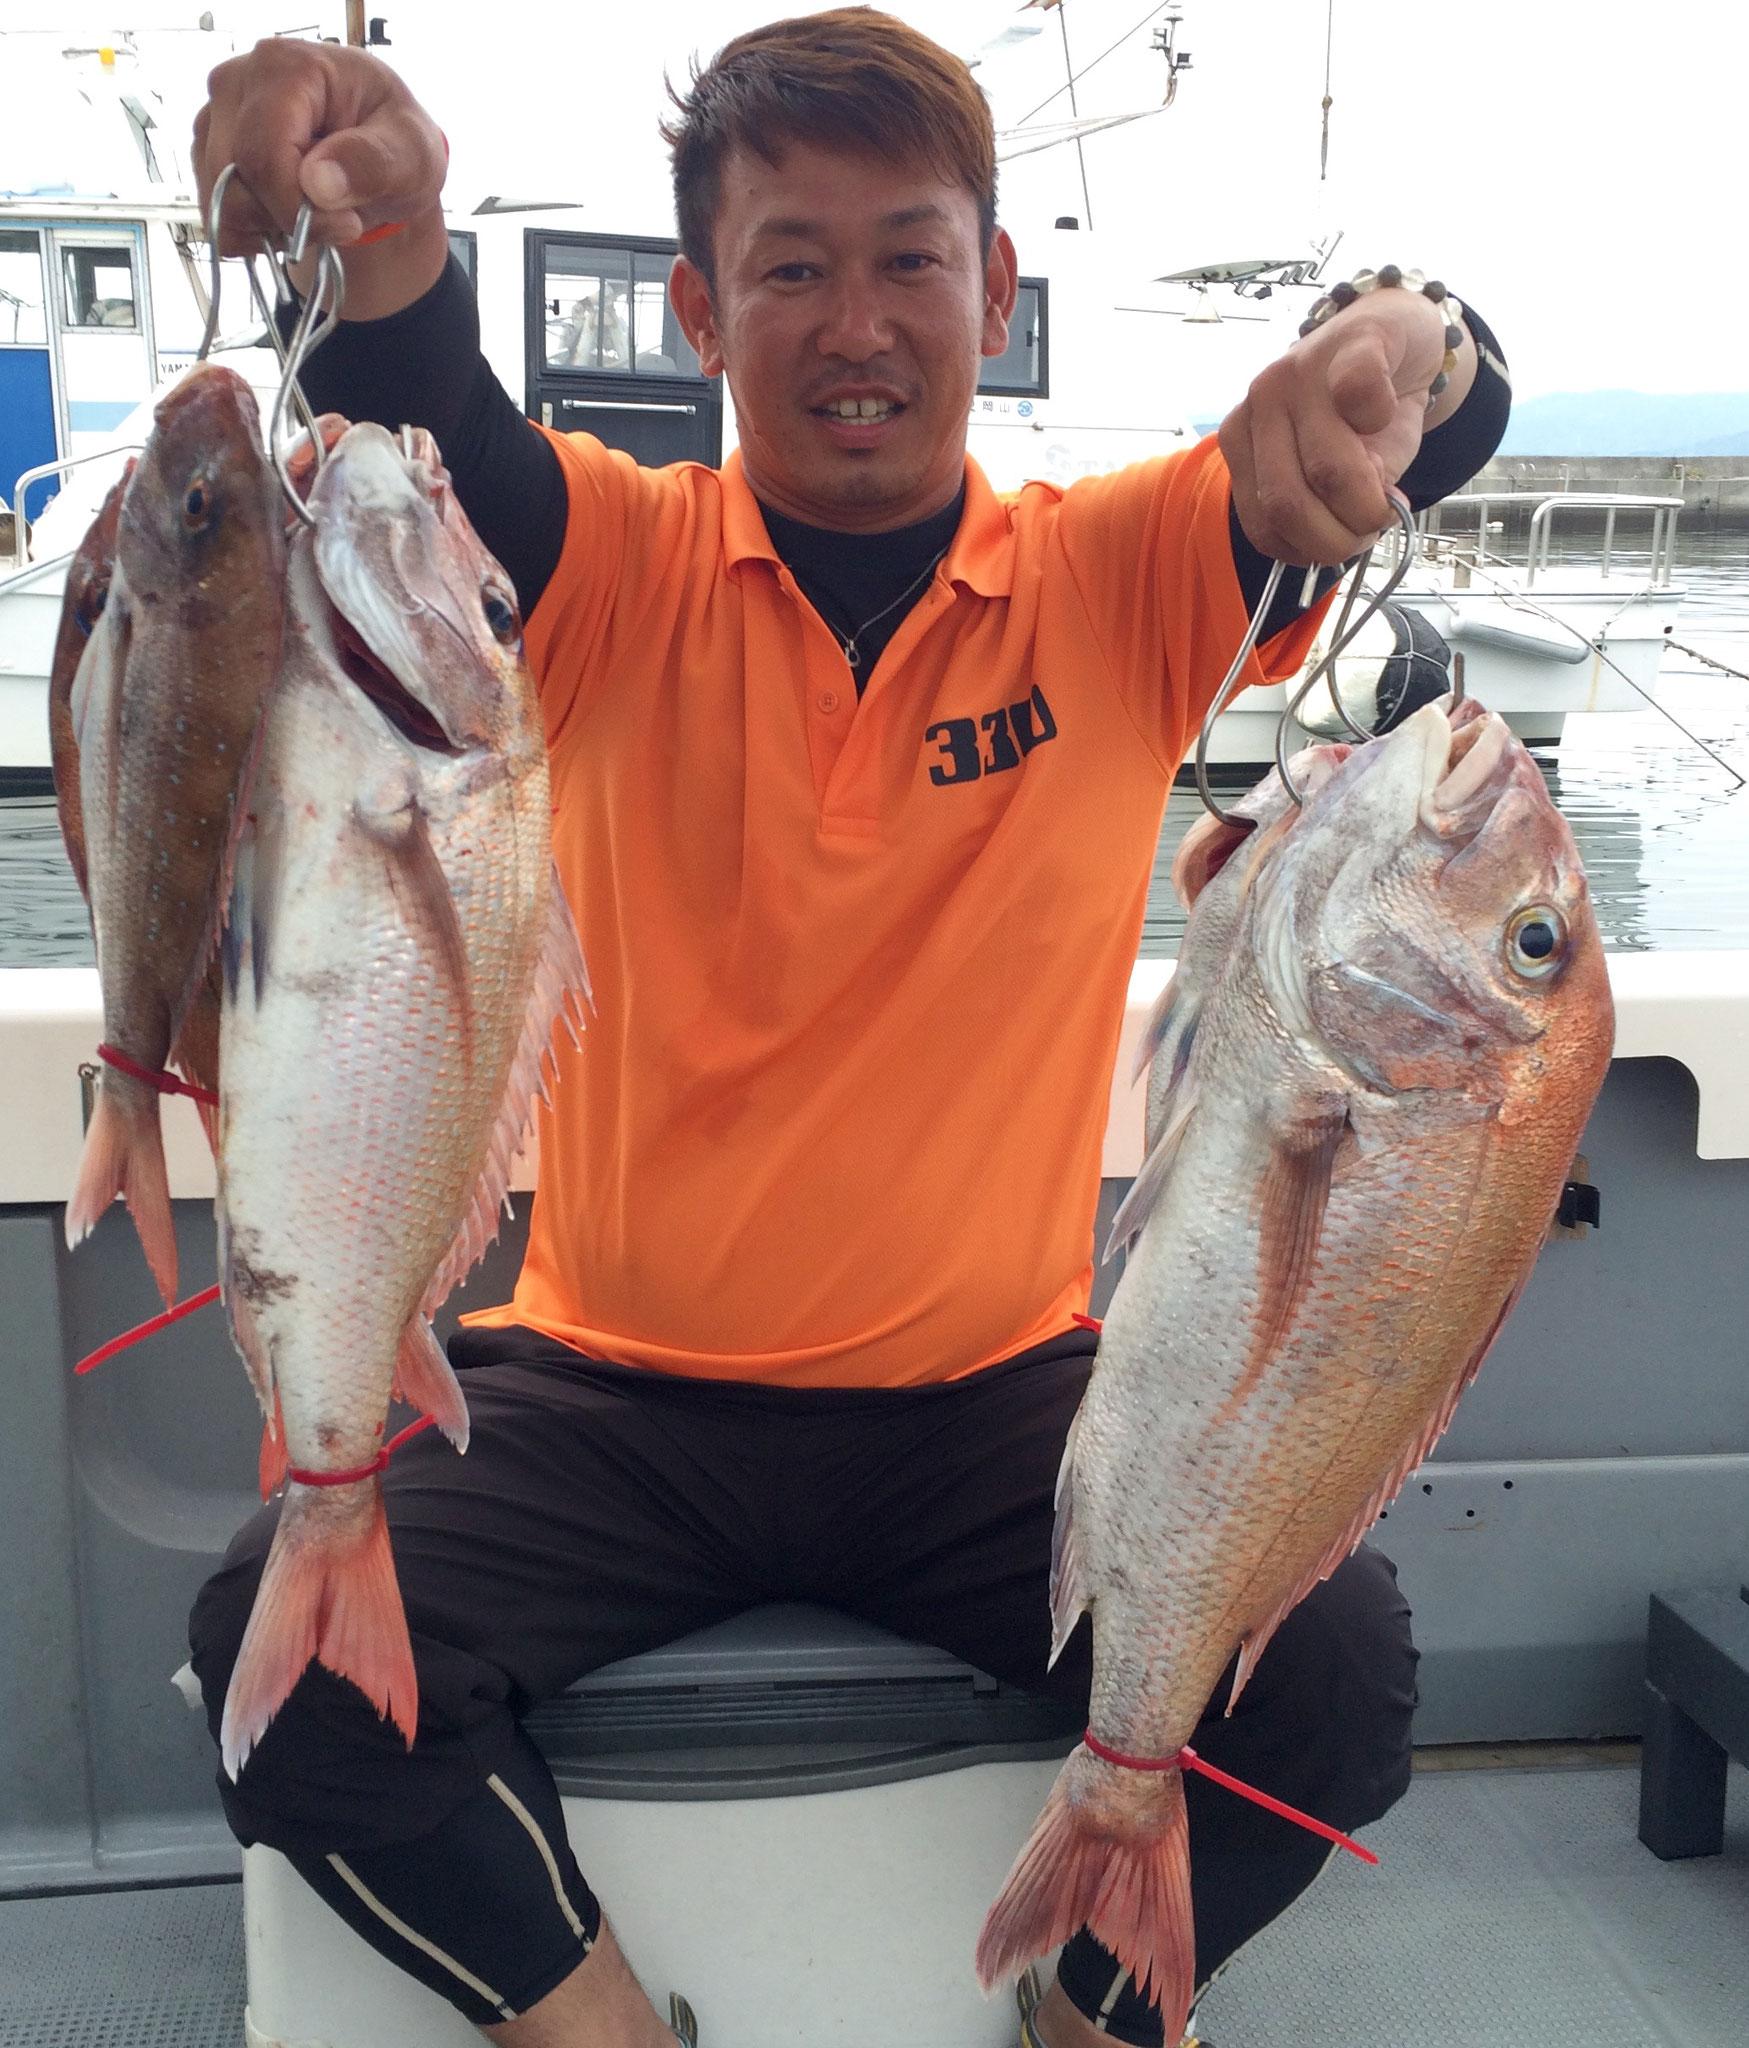 63.5頭に7fishお見事でした!330㎜もゲット(*^_^*)。